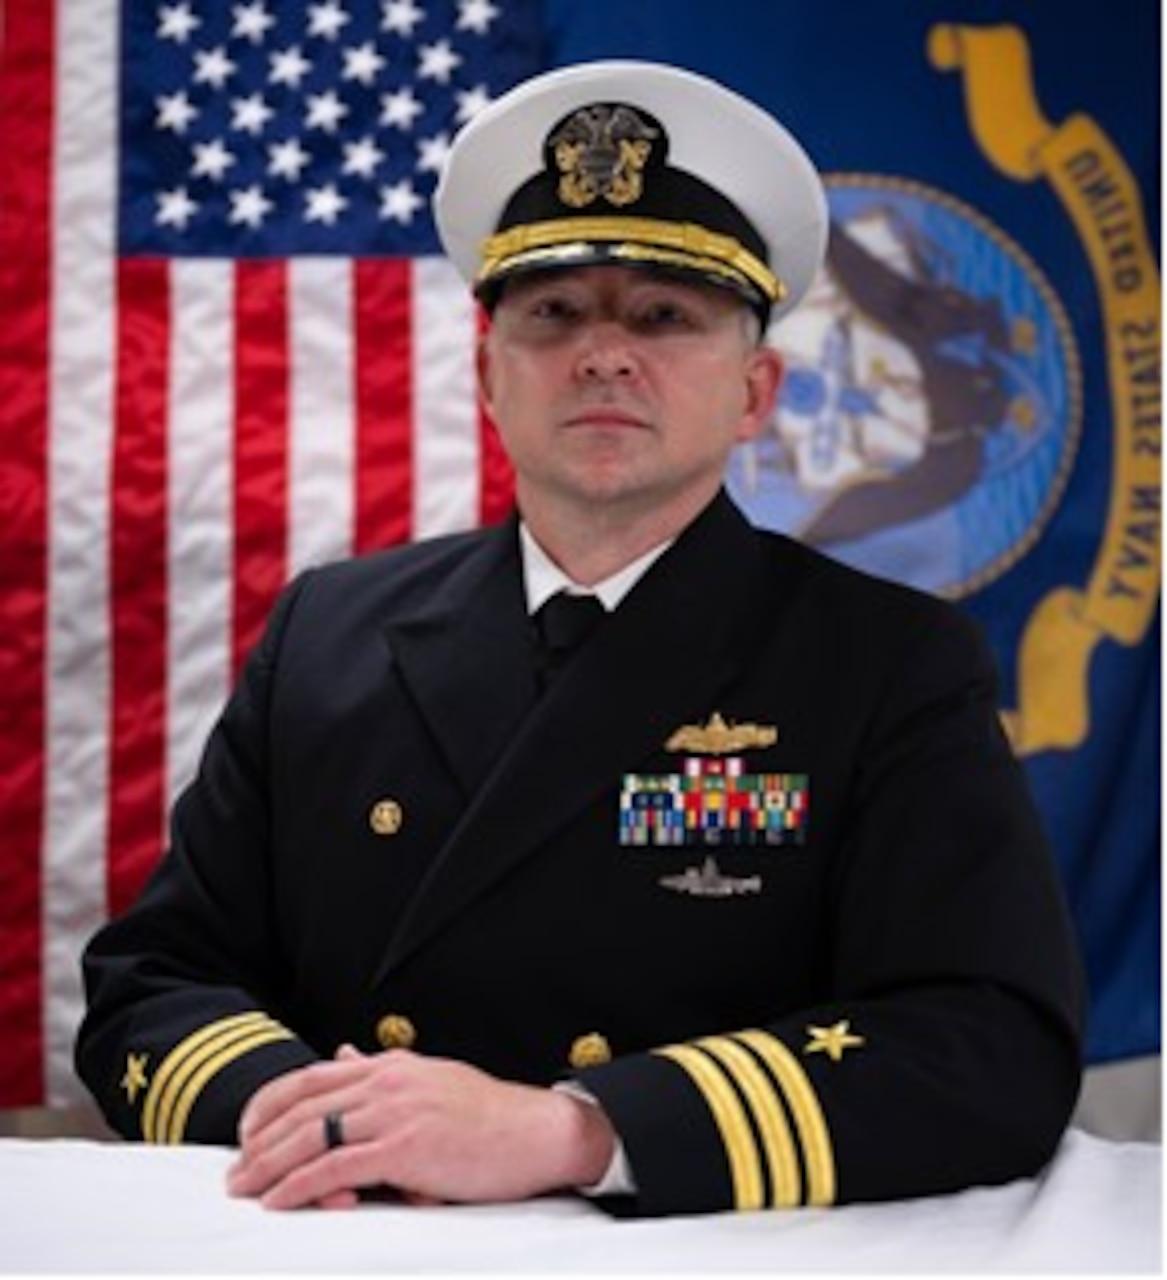 Commander Follett